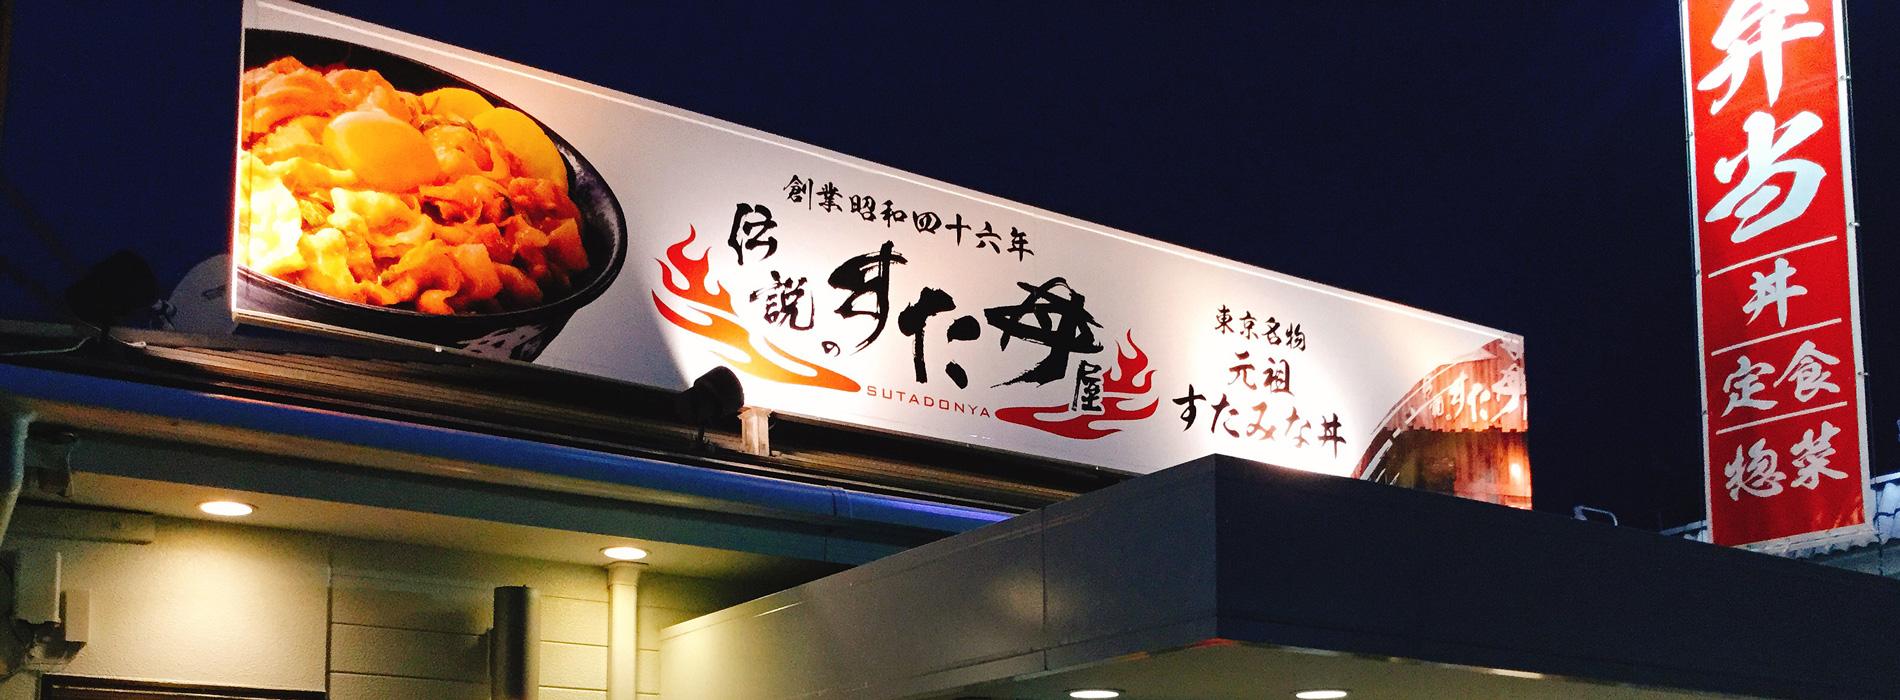 すた丼 郡山安積店